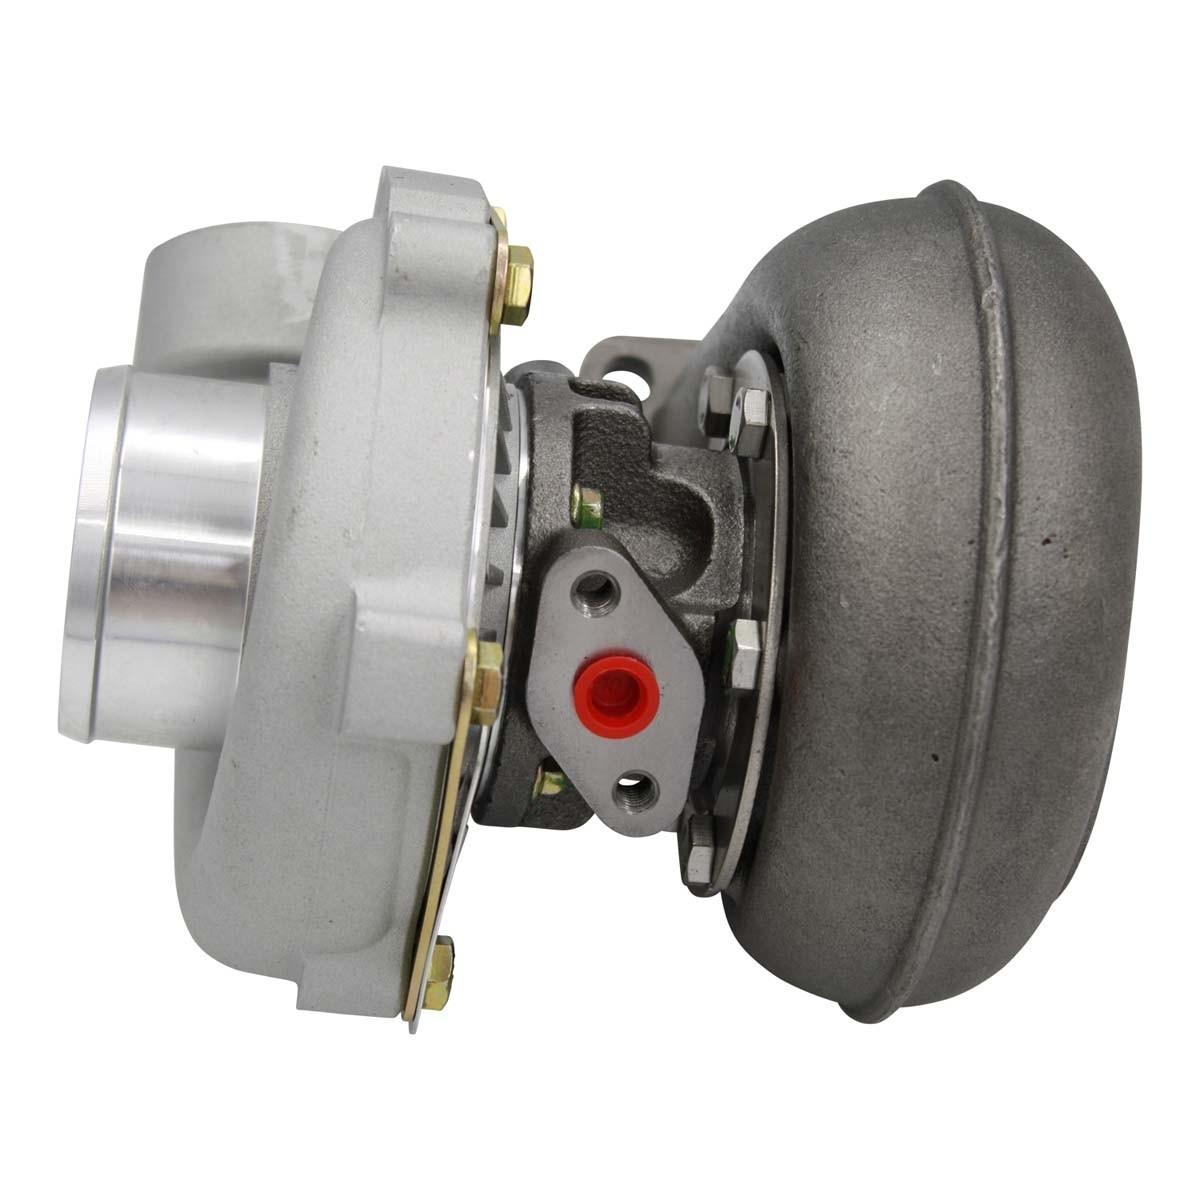 John Deere Turbocharger 4440 Side.